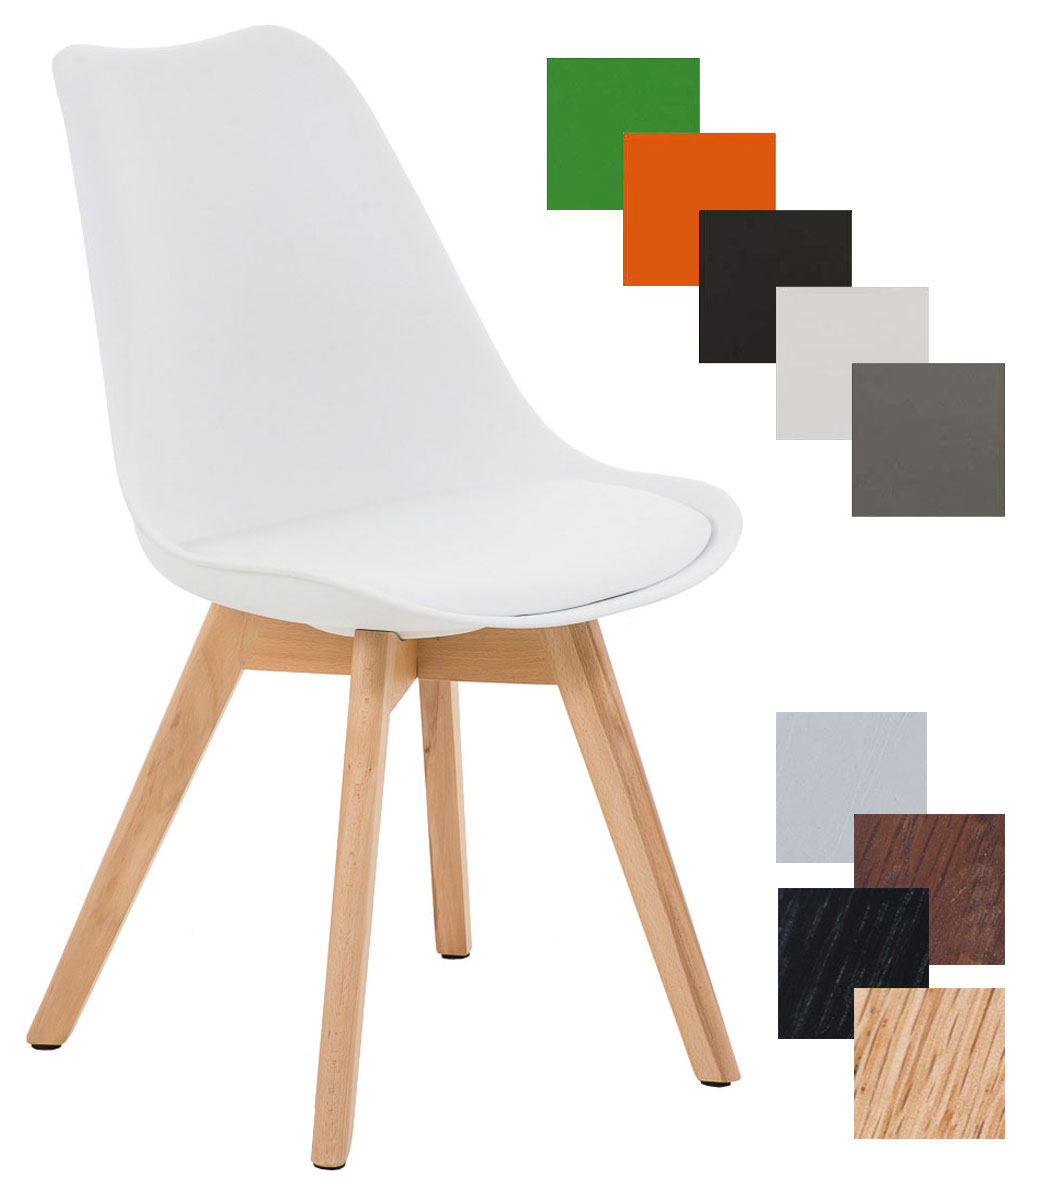 Konferenzstuhl holz  Design Besucherstuhl BORNEO Wartestuhl Loft Konferenzstuhl Holz ...